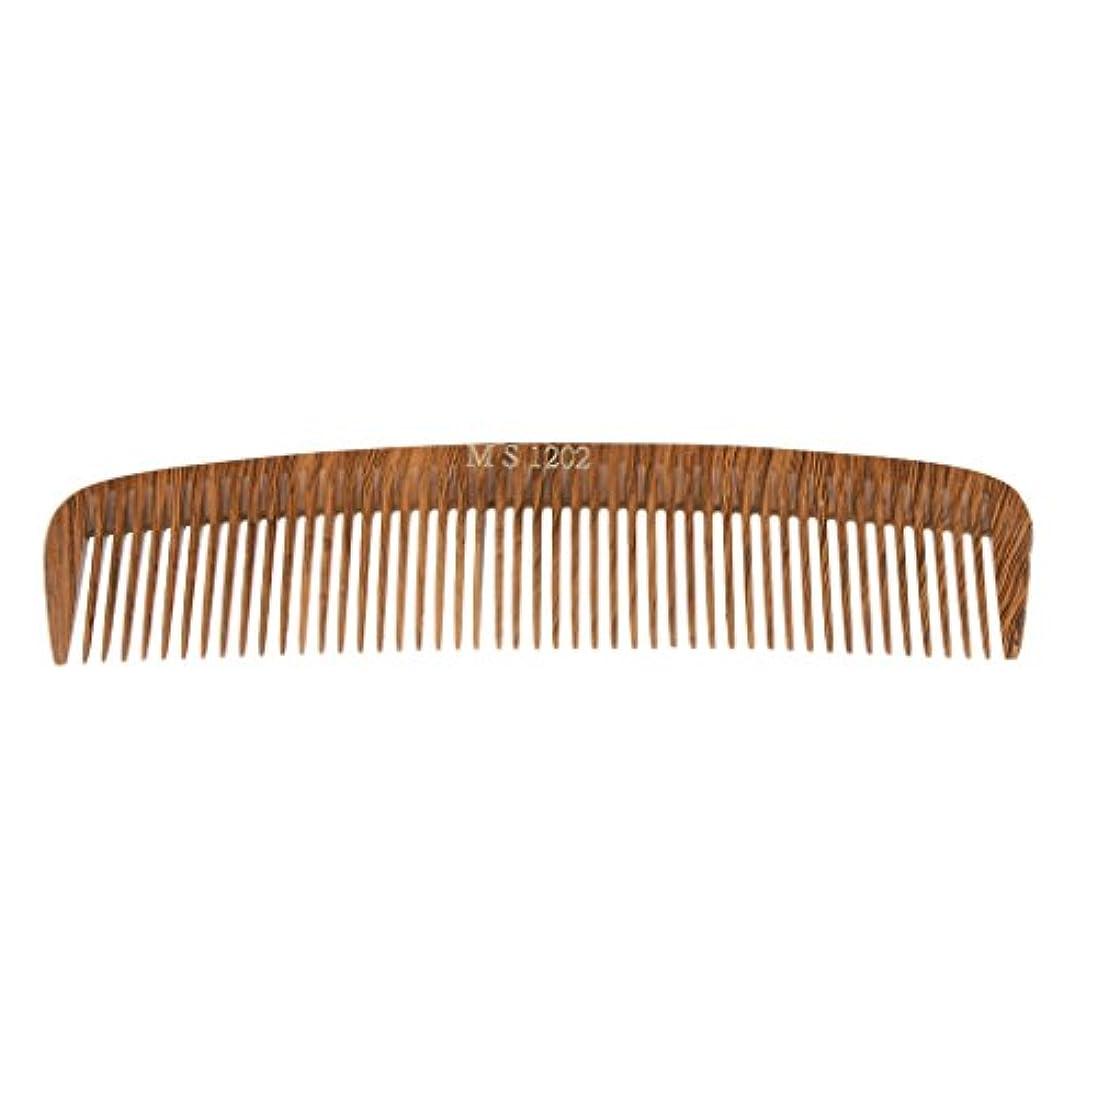 ラッシュ私達欠かせないヘアカットコーム コーム 木製櫛 くし ヘアブラシ ウッド 帯電防止 4タイプ選べる - 1202